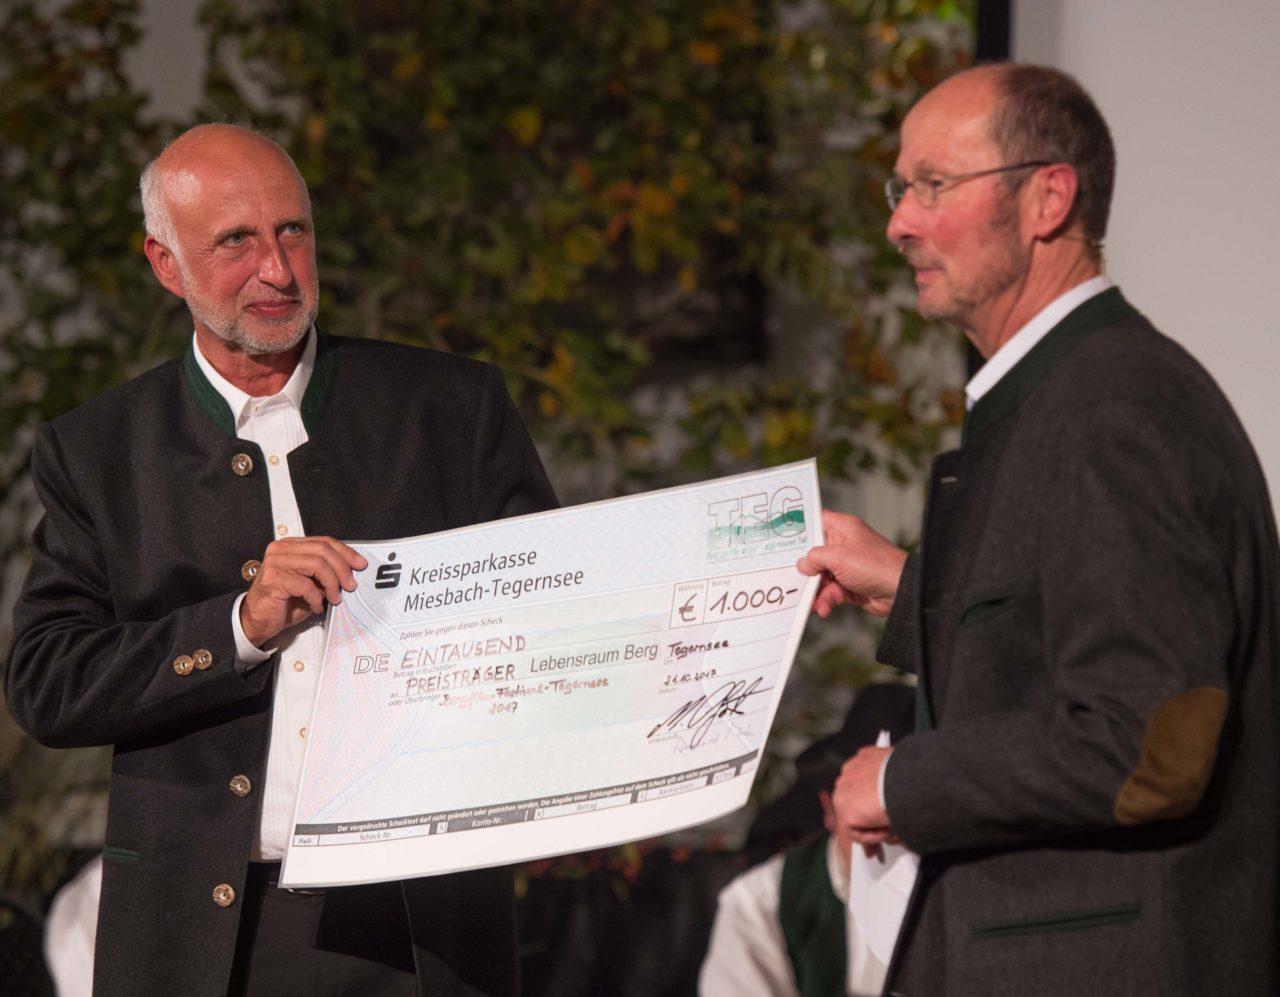 Bernhard Reith von der Tegernseer Erdgasversorgungsgesellschaft und Michael Pause mit dem Gewinnscheck für den Preis in der Kategorie Lebensraum Berg (Foto: Thomas Plettenberg